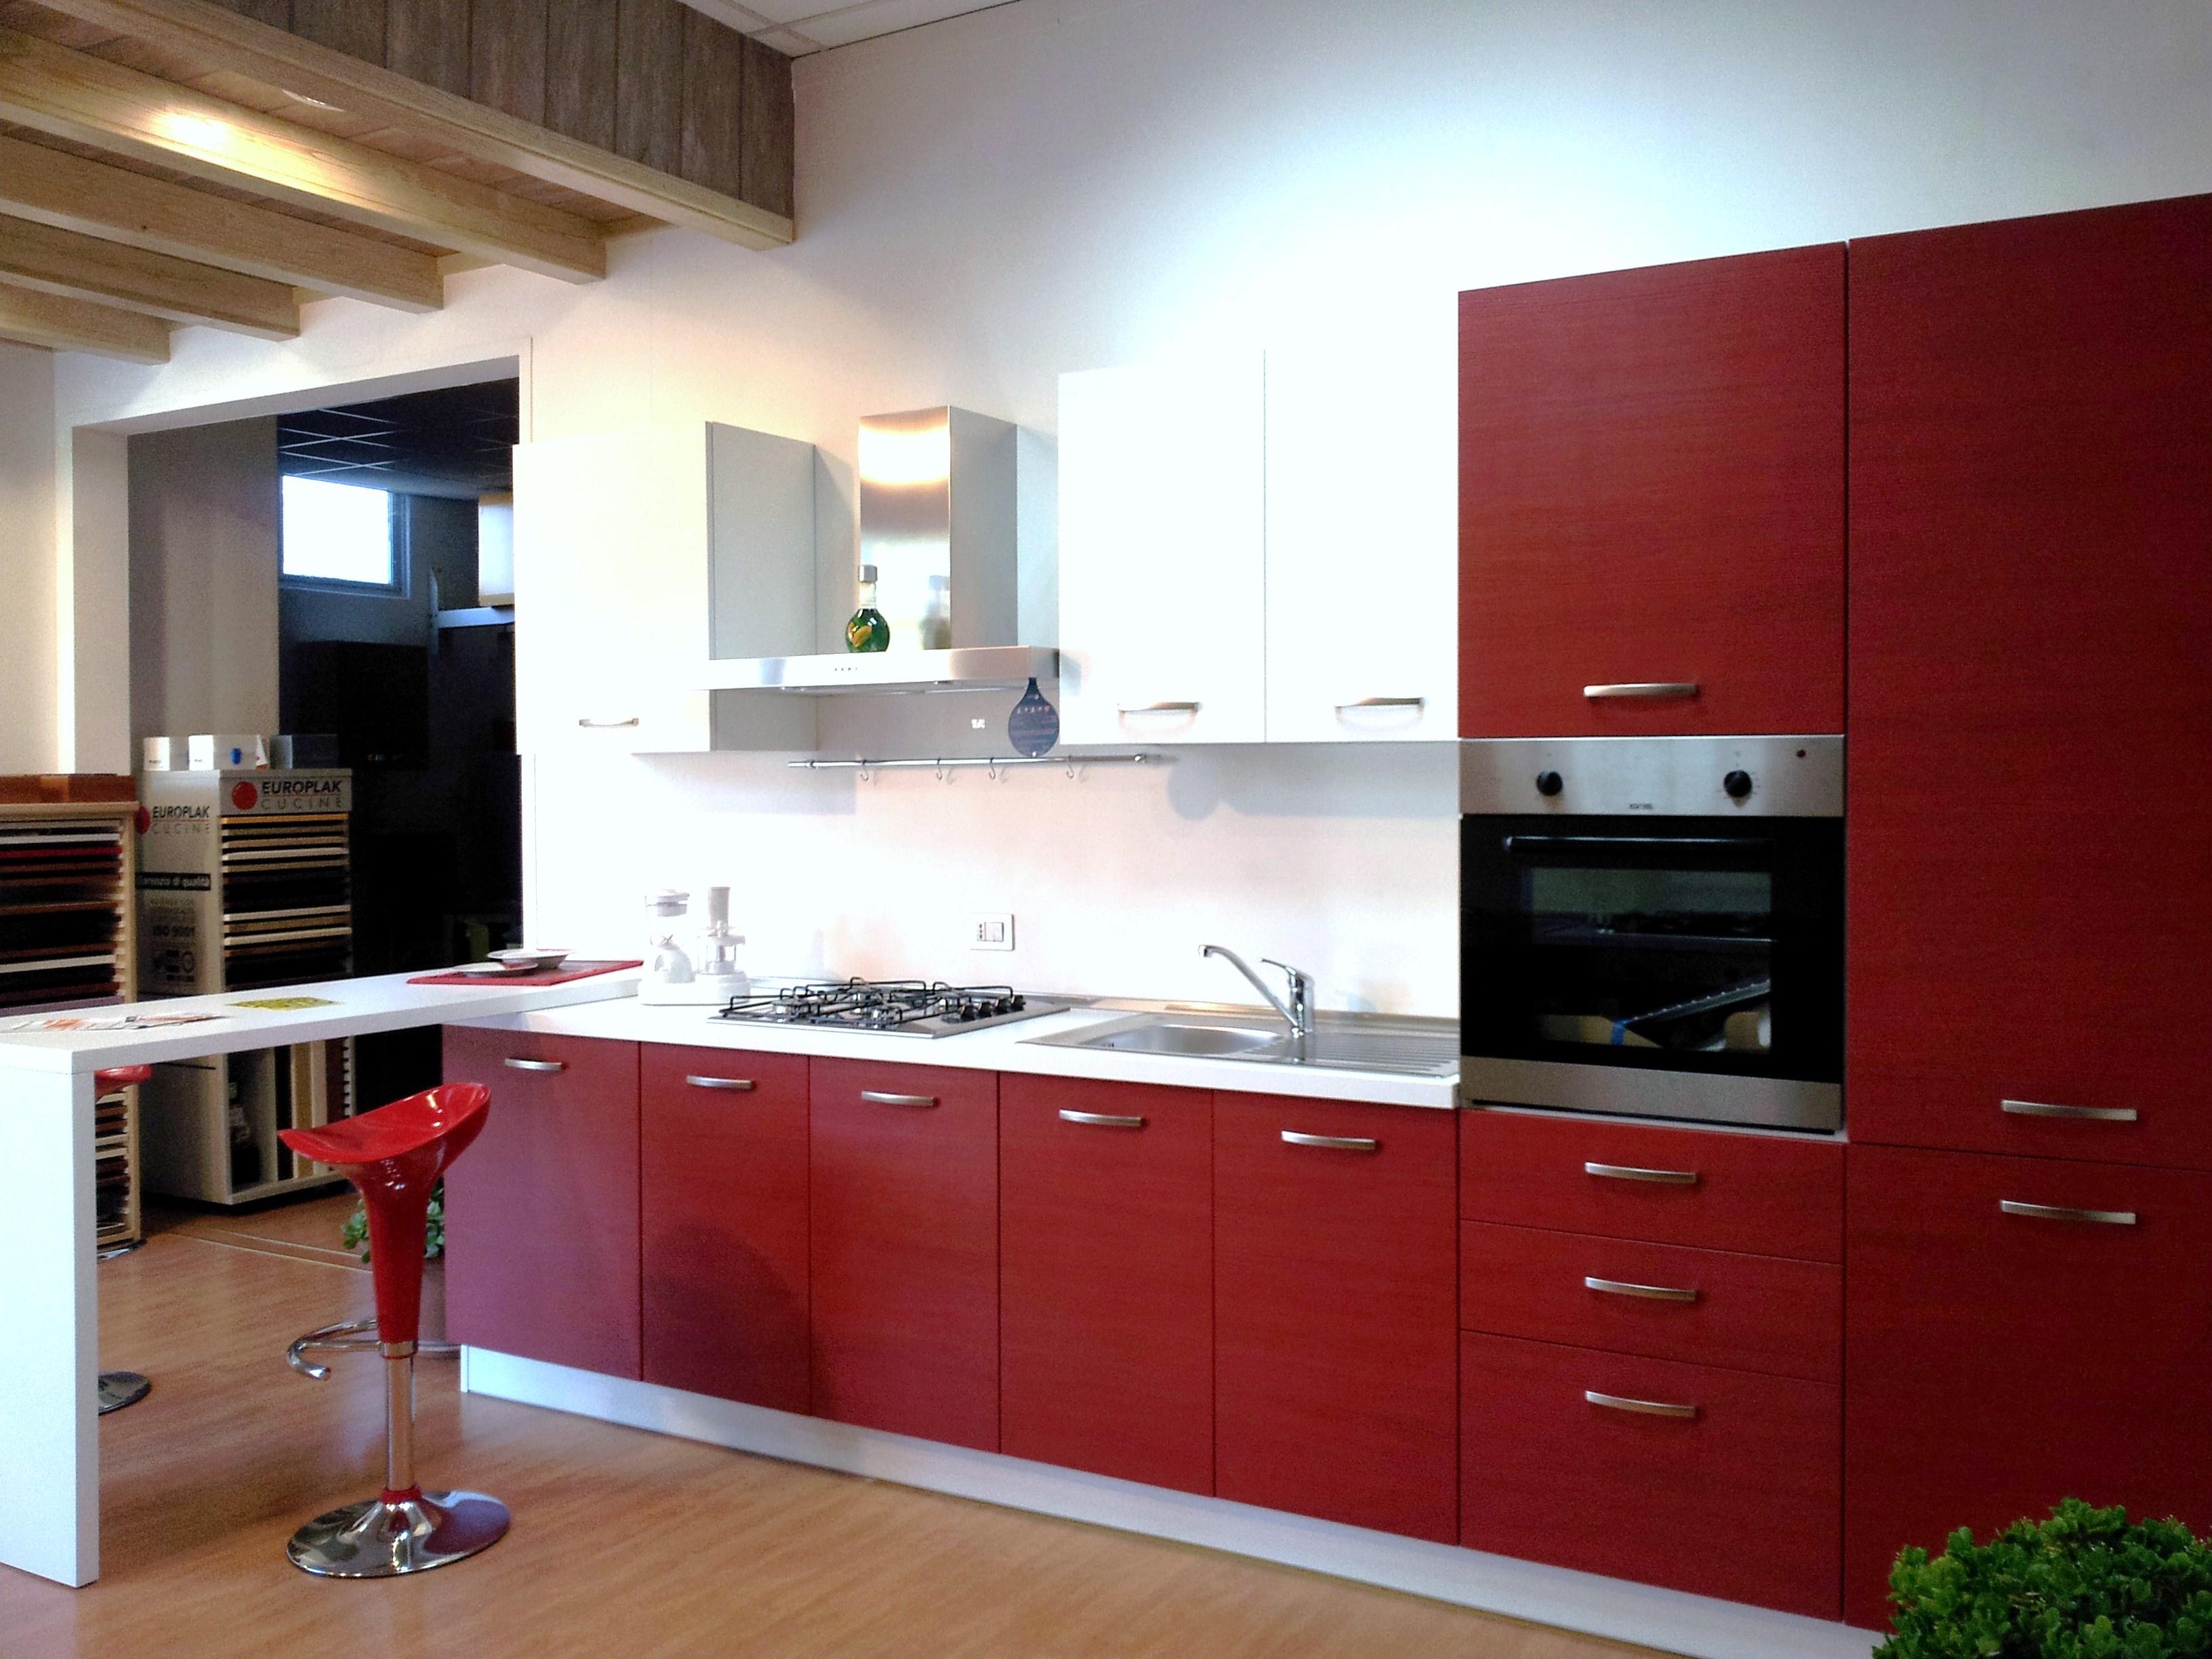 Cucina moderna con penisola 15318 cucine a prezzi scontati - Cucina con penisola ...